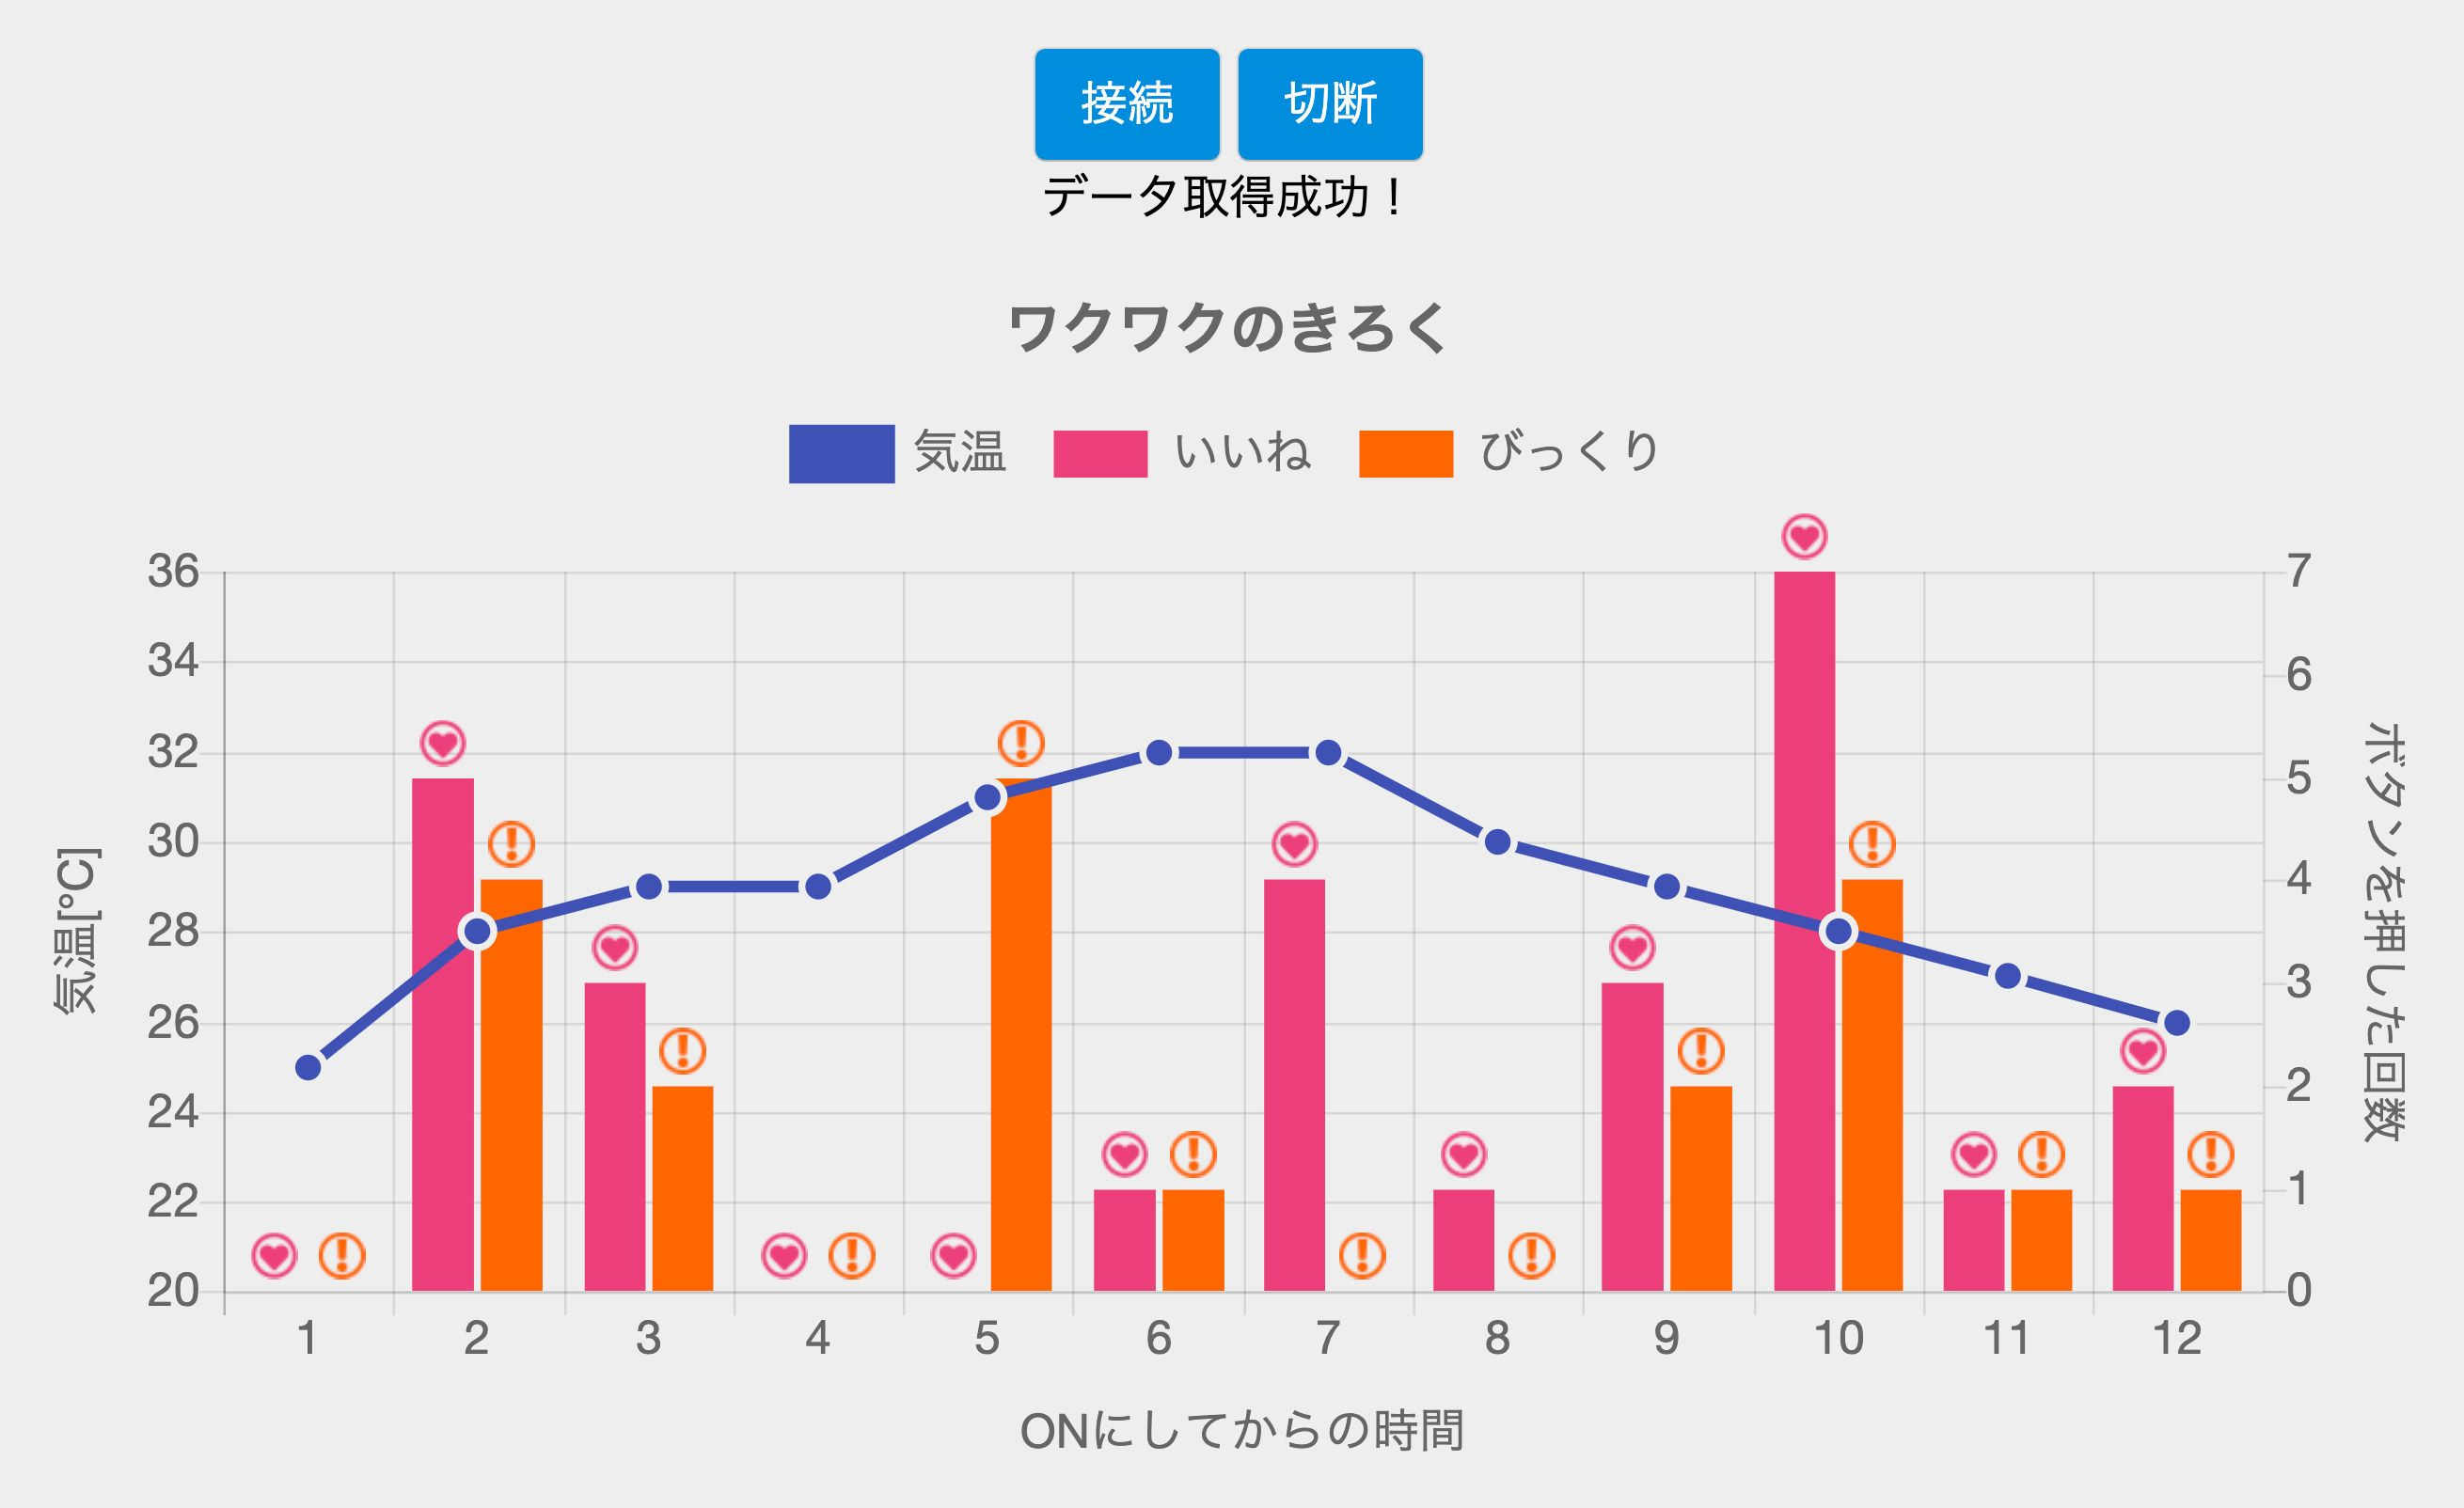 マイクロビットで取得したデータをもとに作成したグラフ